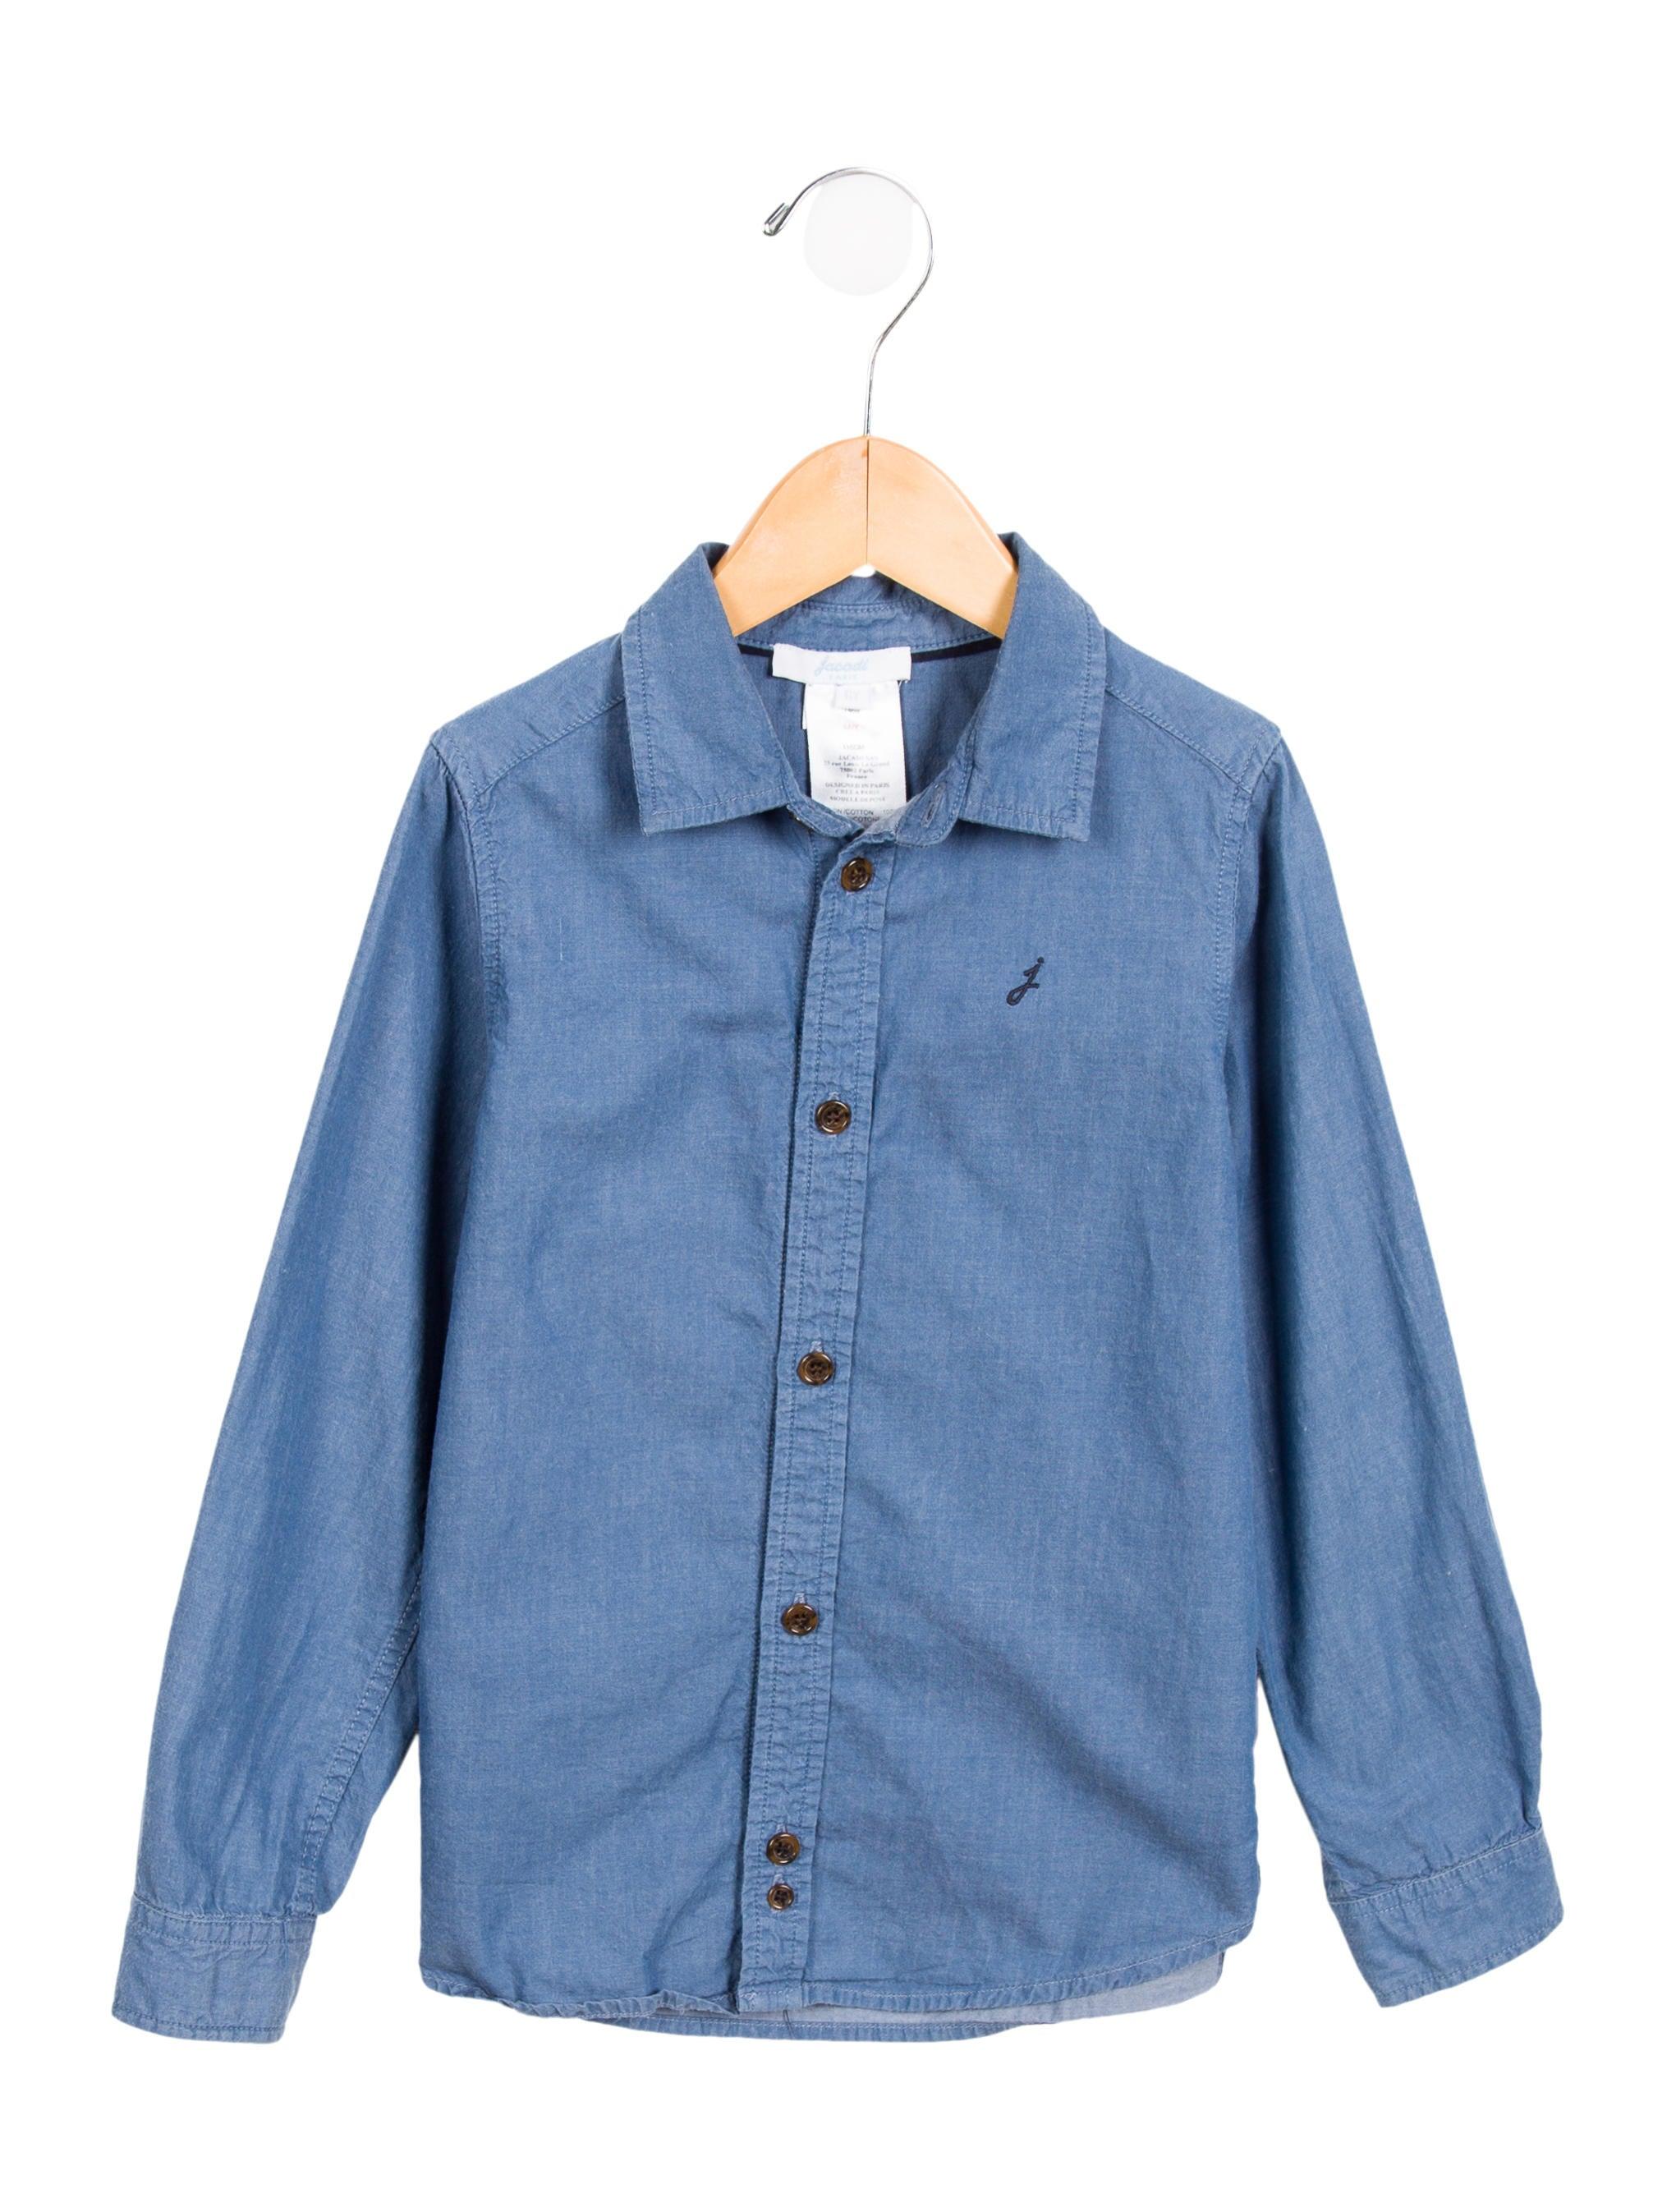 Jacadi boys 39 chambray button up shirt boys wjdci20374 for Chambray shirt for kids